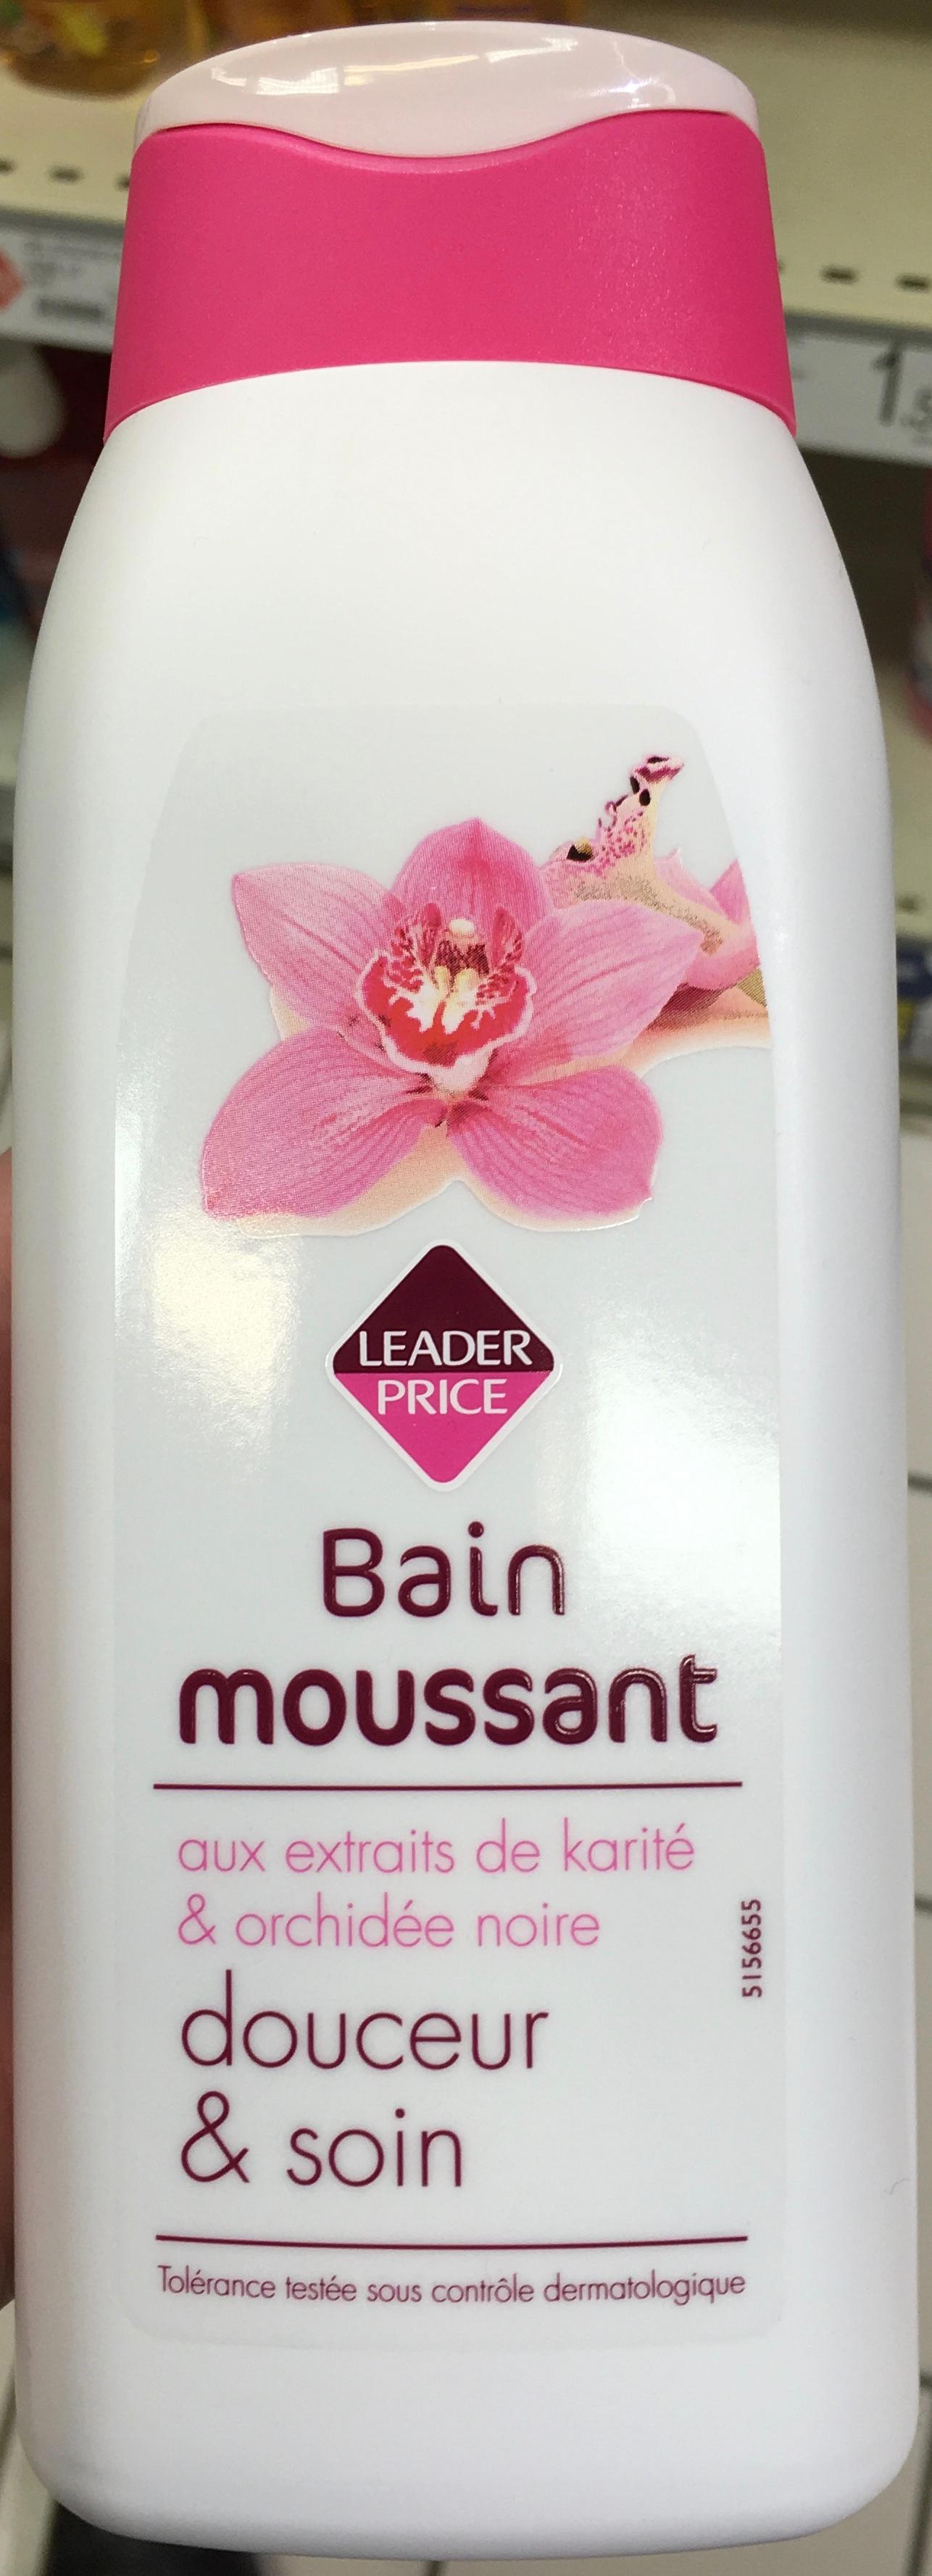 Bain moussant douceur & soin - Product - fr